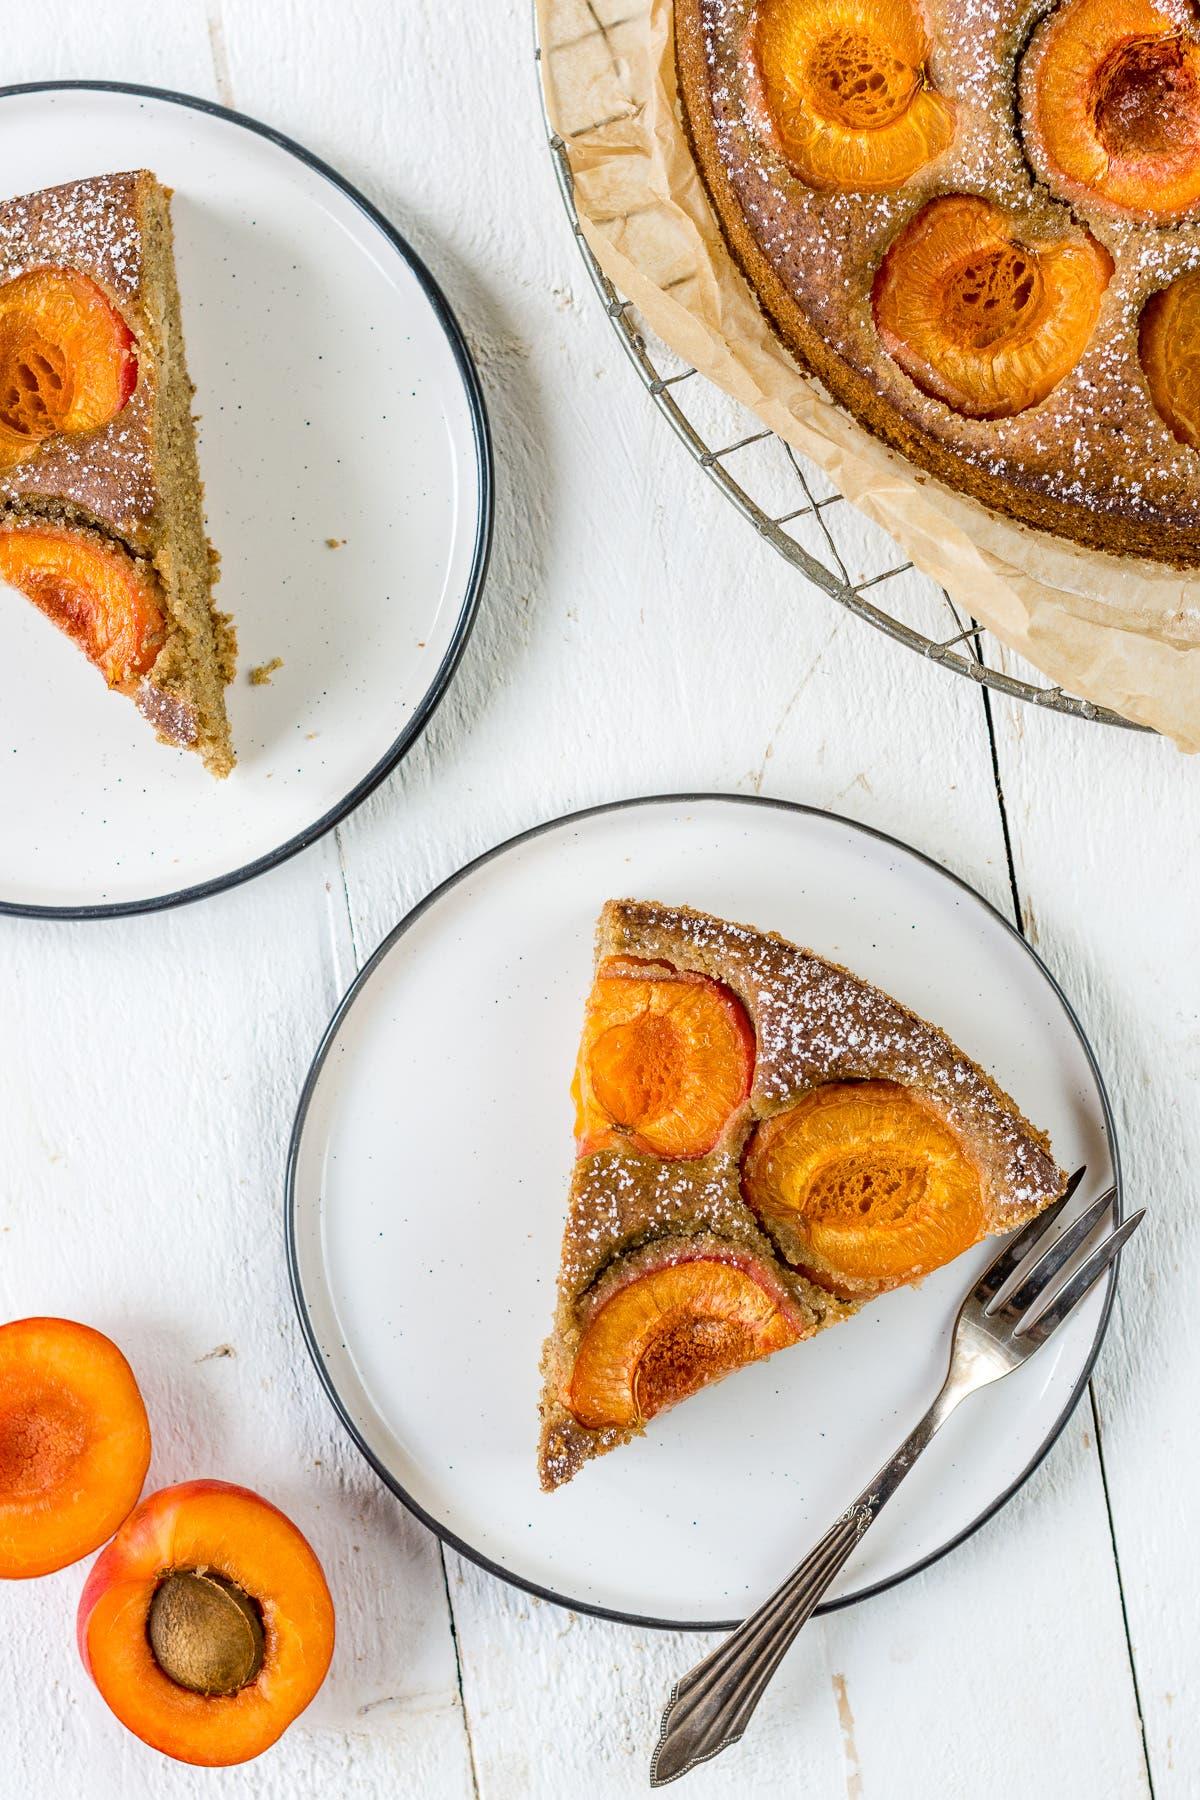 Zwei Stück Aprikosenkuchen auf weißen Tellern mit einer Gabel und frische Aprikosen.